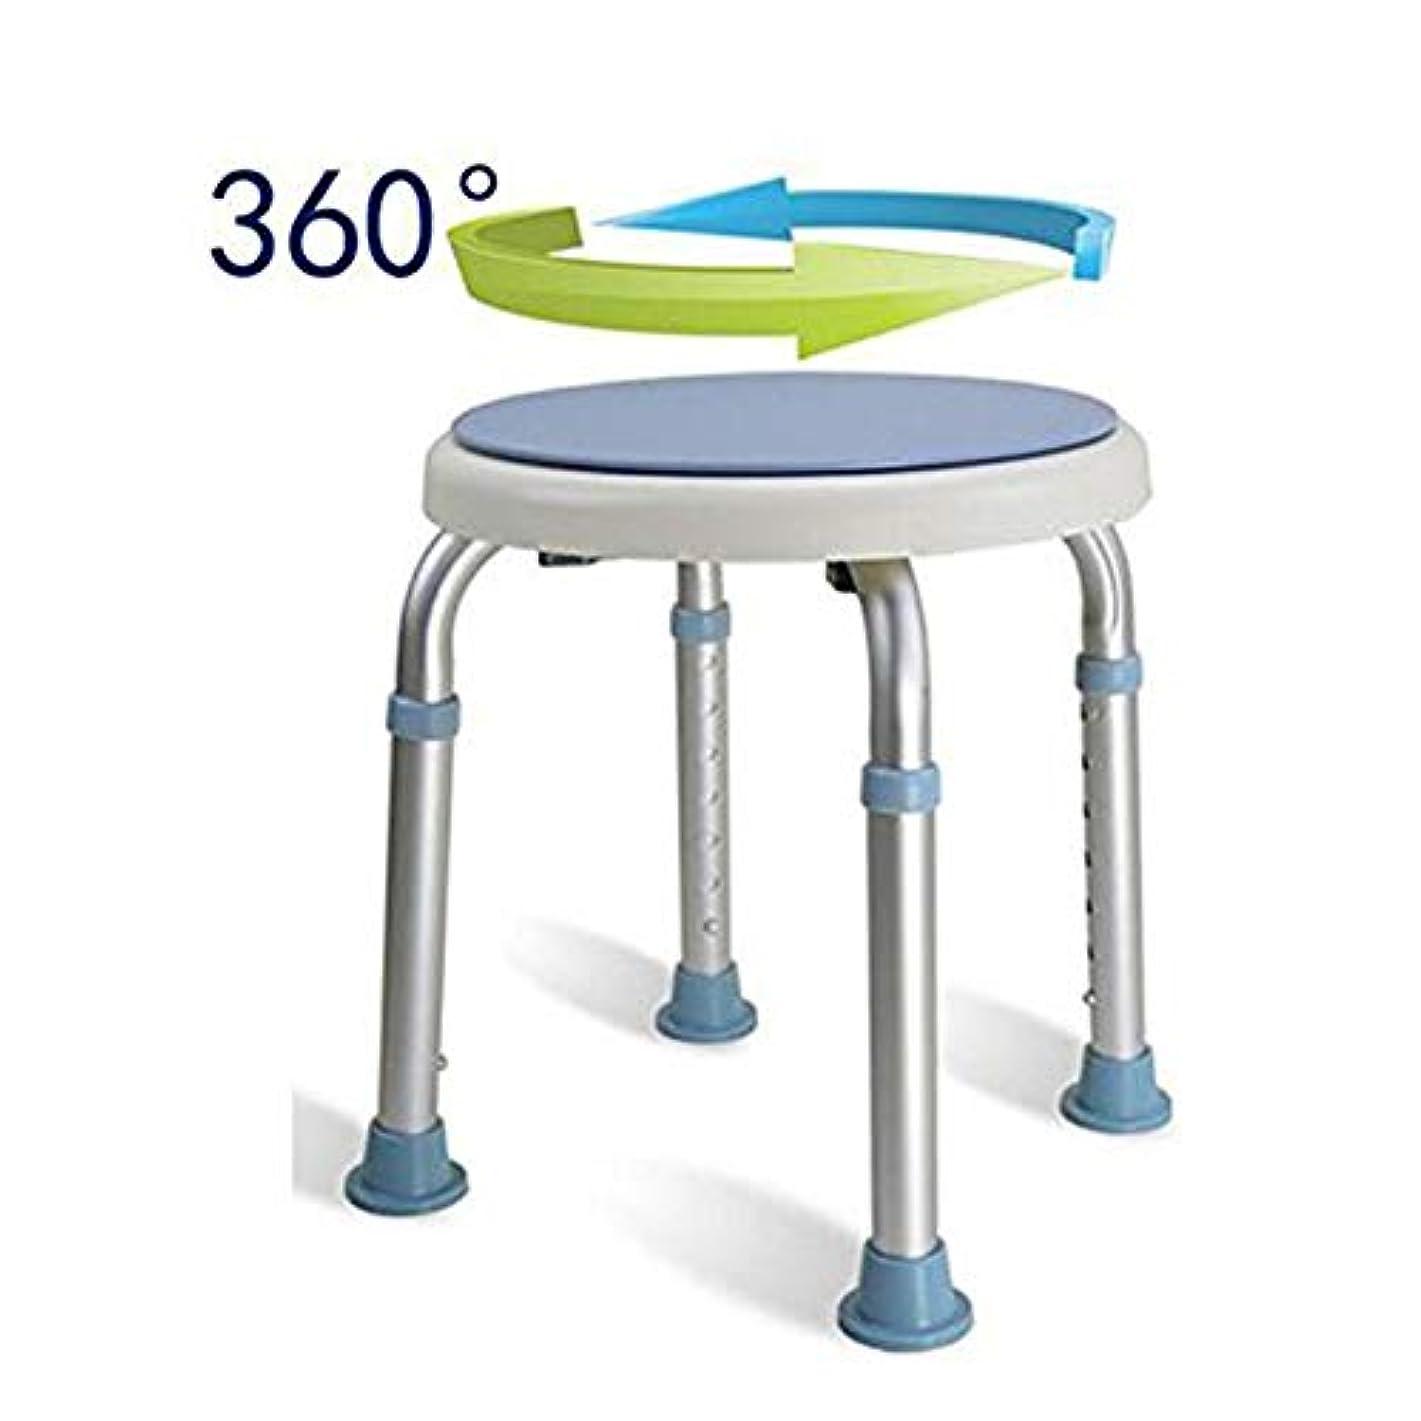 驚き火炎下向きシャワーチェア 360度回転 バスチェア 風呂 椅子 7段階高さ調節 シャワースツール ヘルパーチェア 入浴補助用具 介護 高齢者/妊婦適用 入浴用品